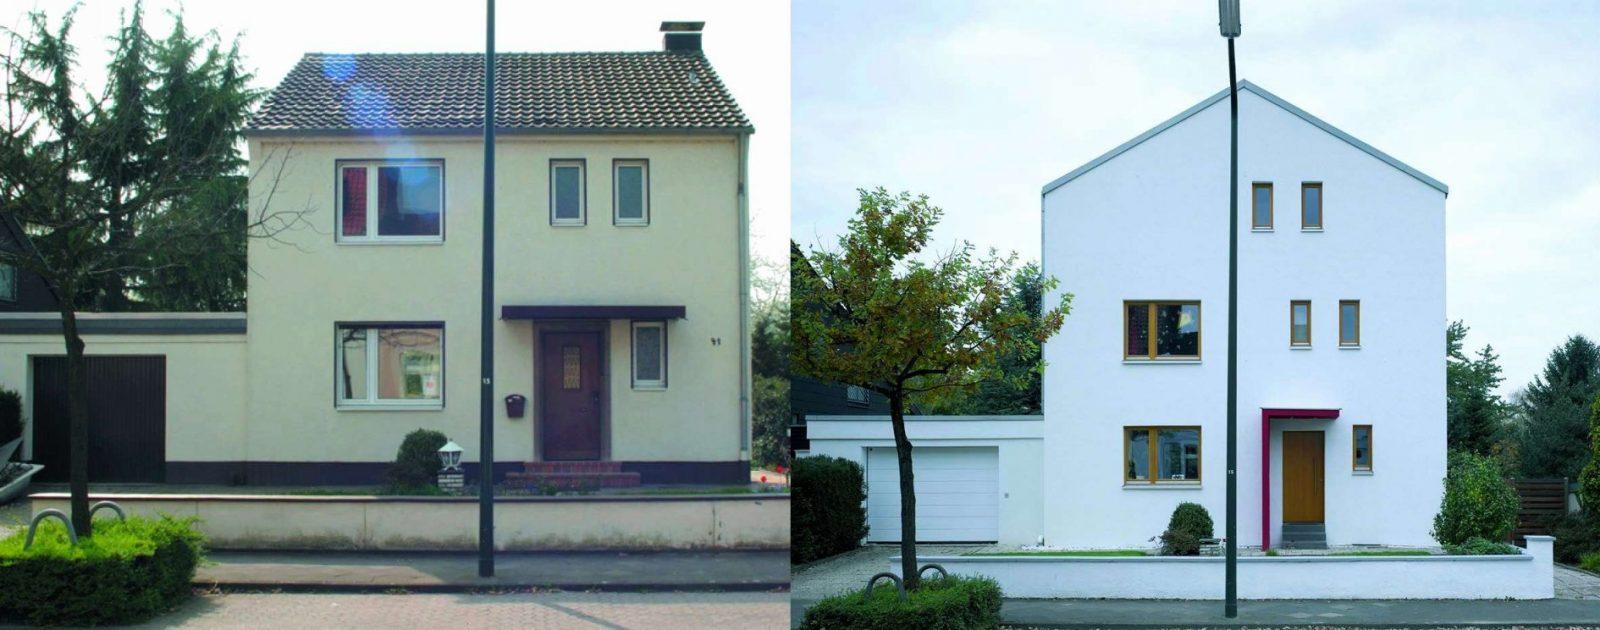 Wunderbare Haus Renovieren Vs Einfamilienhaus Klassisch Mit Schön von Häuser Renovieren Vorher Nachher Photo